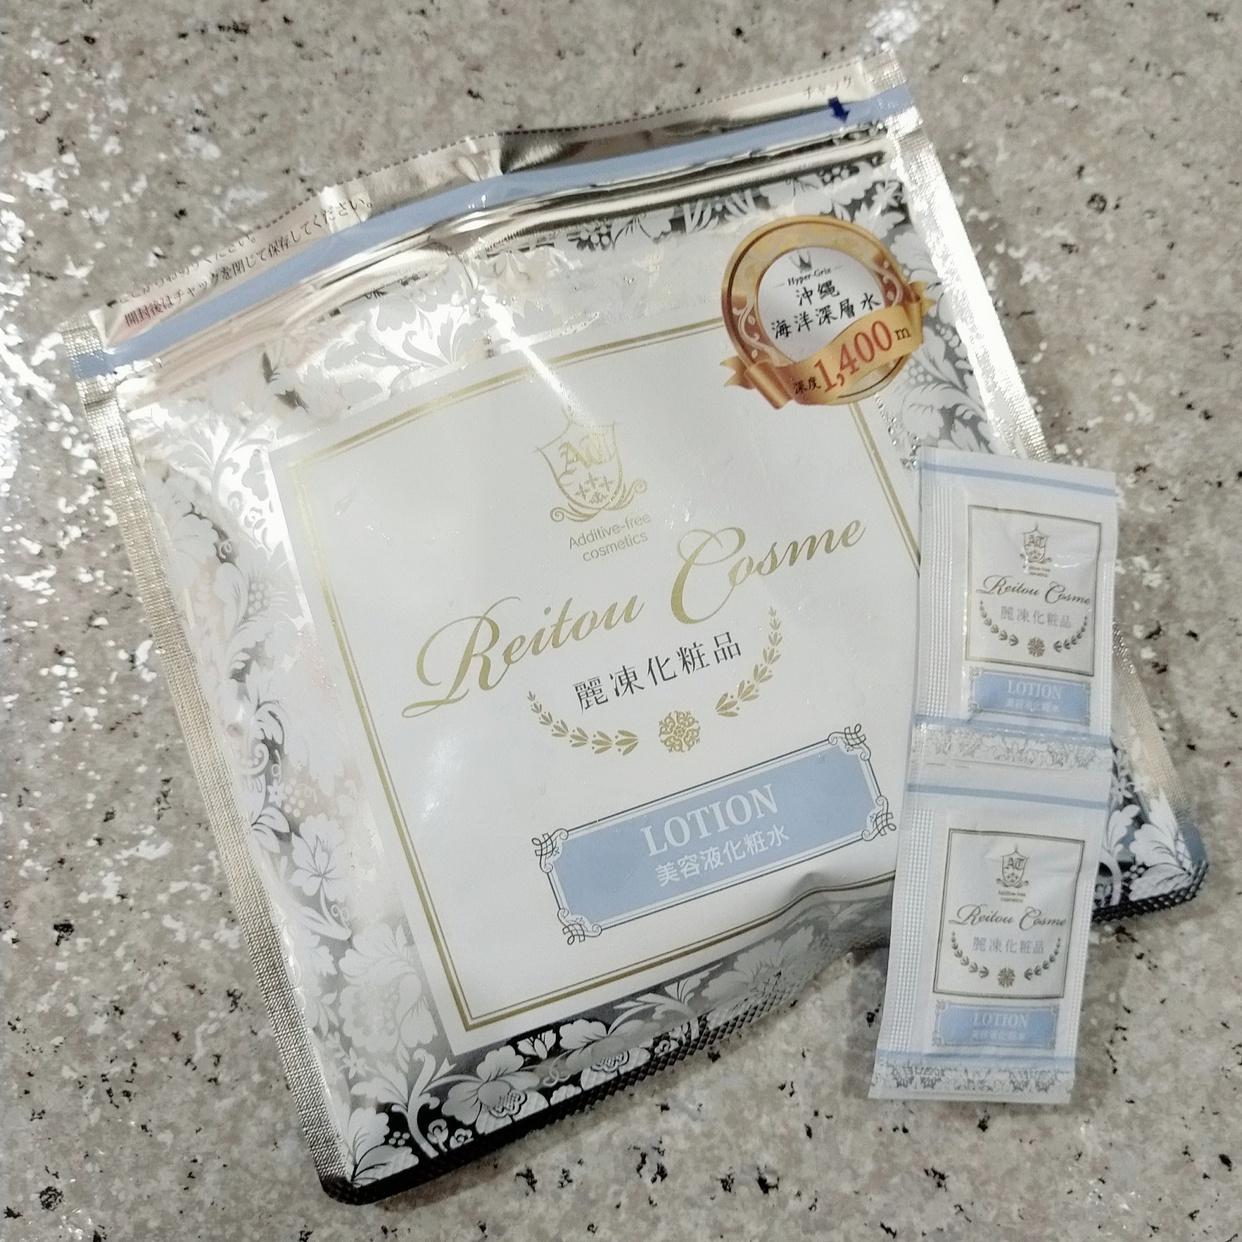 麗凍化粧品(Reitou Cosme) 美容液 化粧水を使ったみこさんのクチコミ画像1